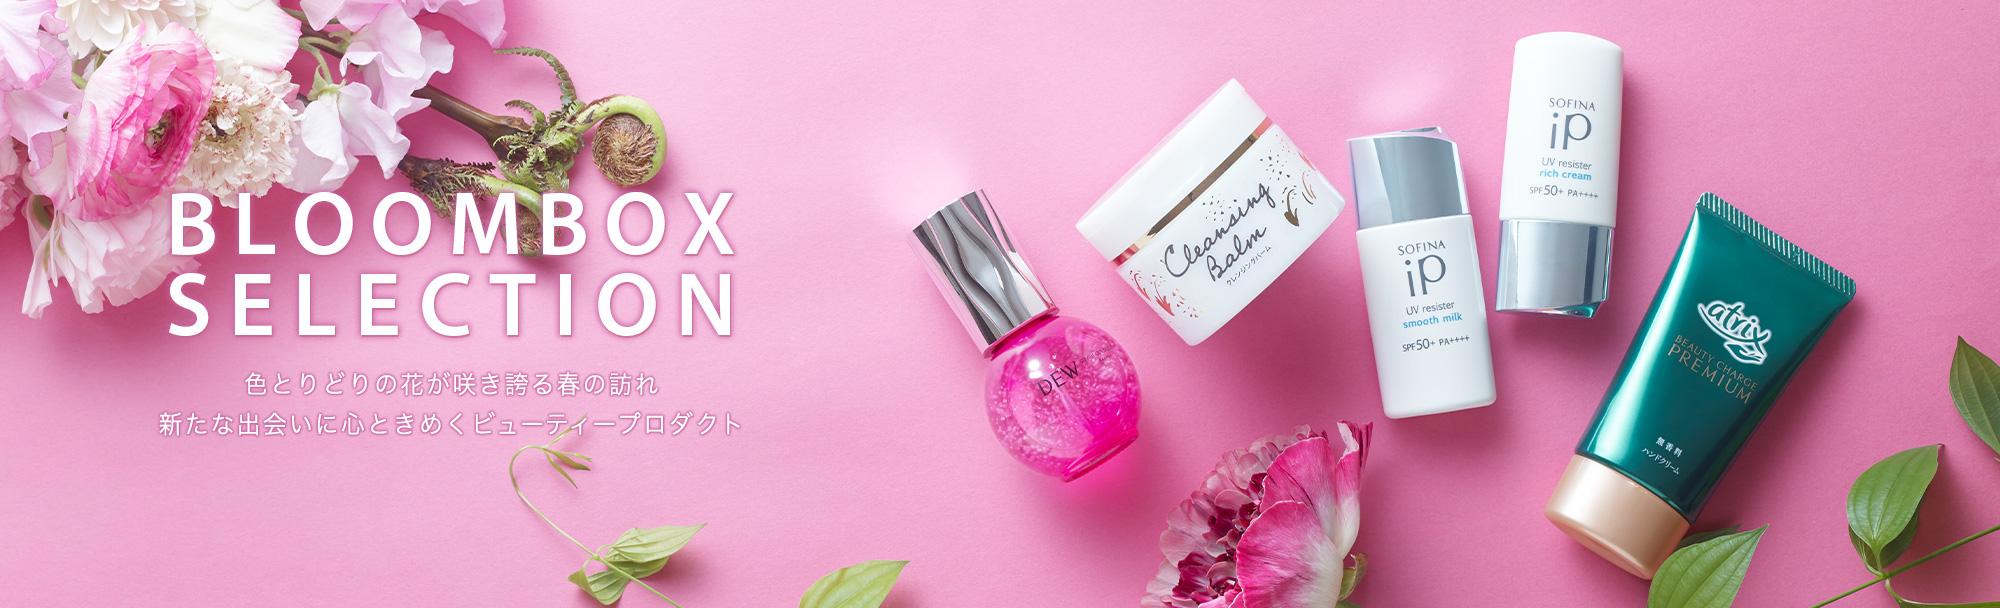 BLOOMBOX SELECTION 色とりどりの花が咲き誇る春の訪れ 新たな出会いに心ときめくビューティープロダクト